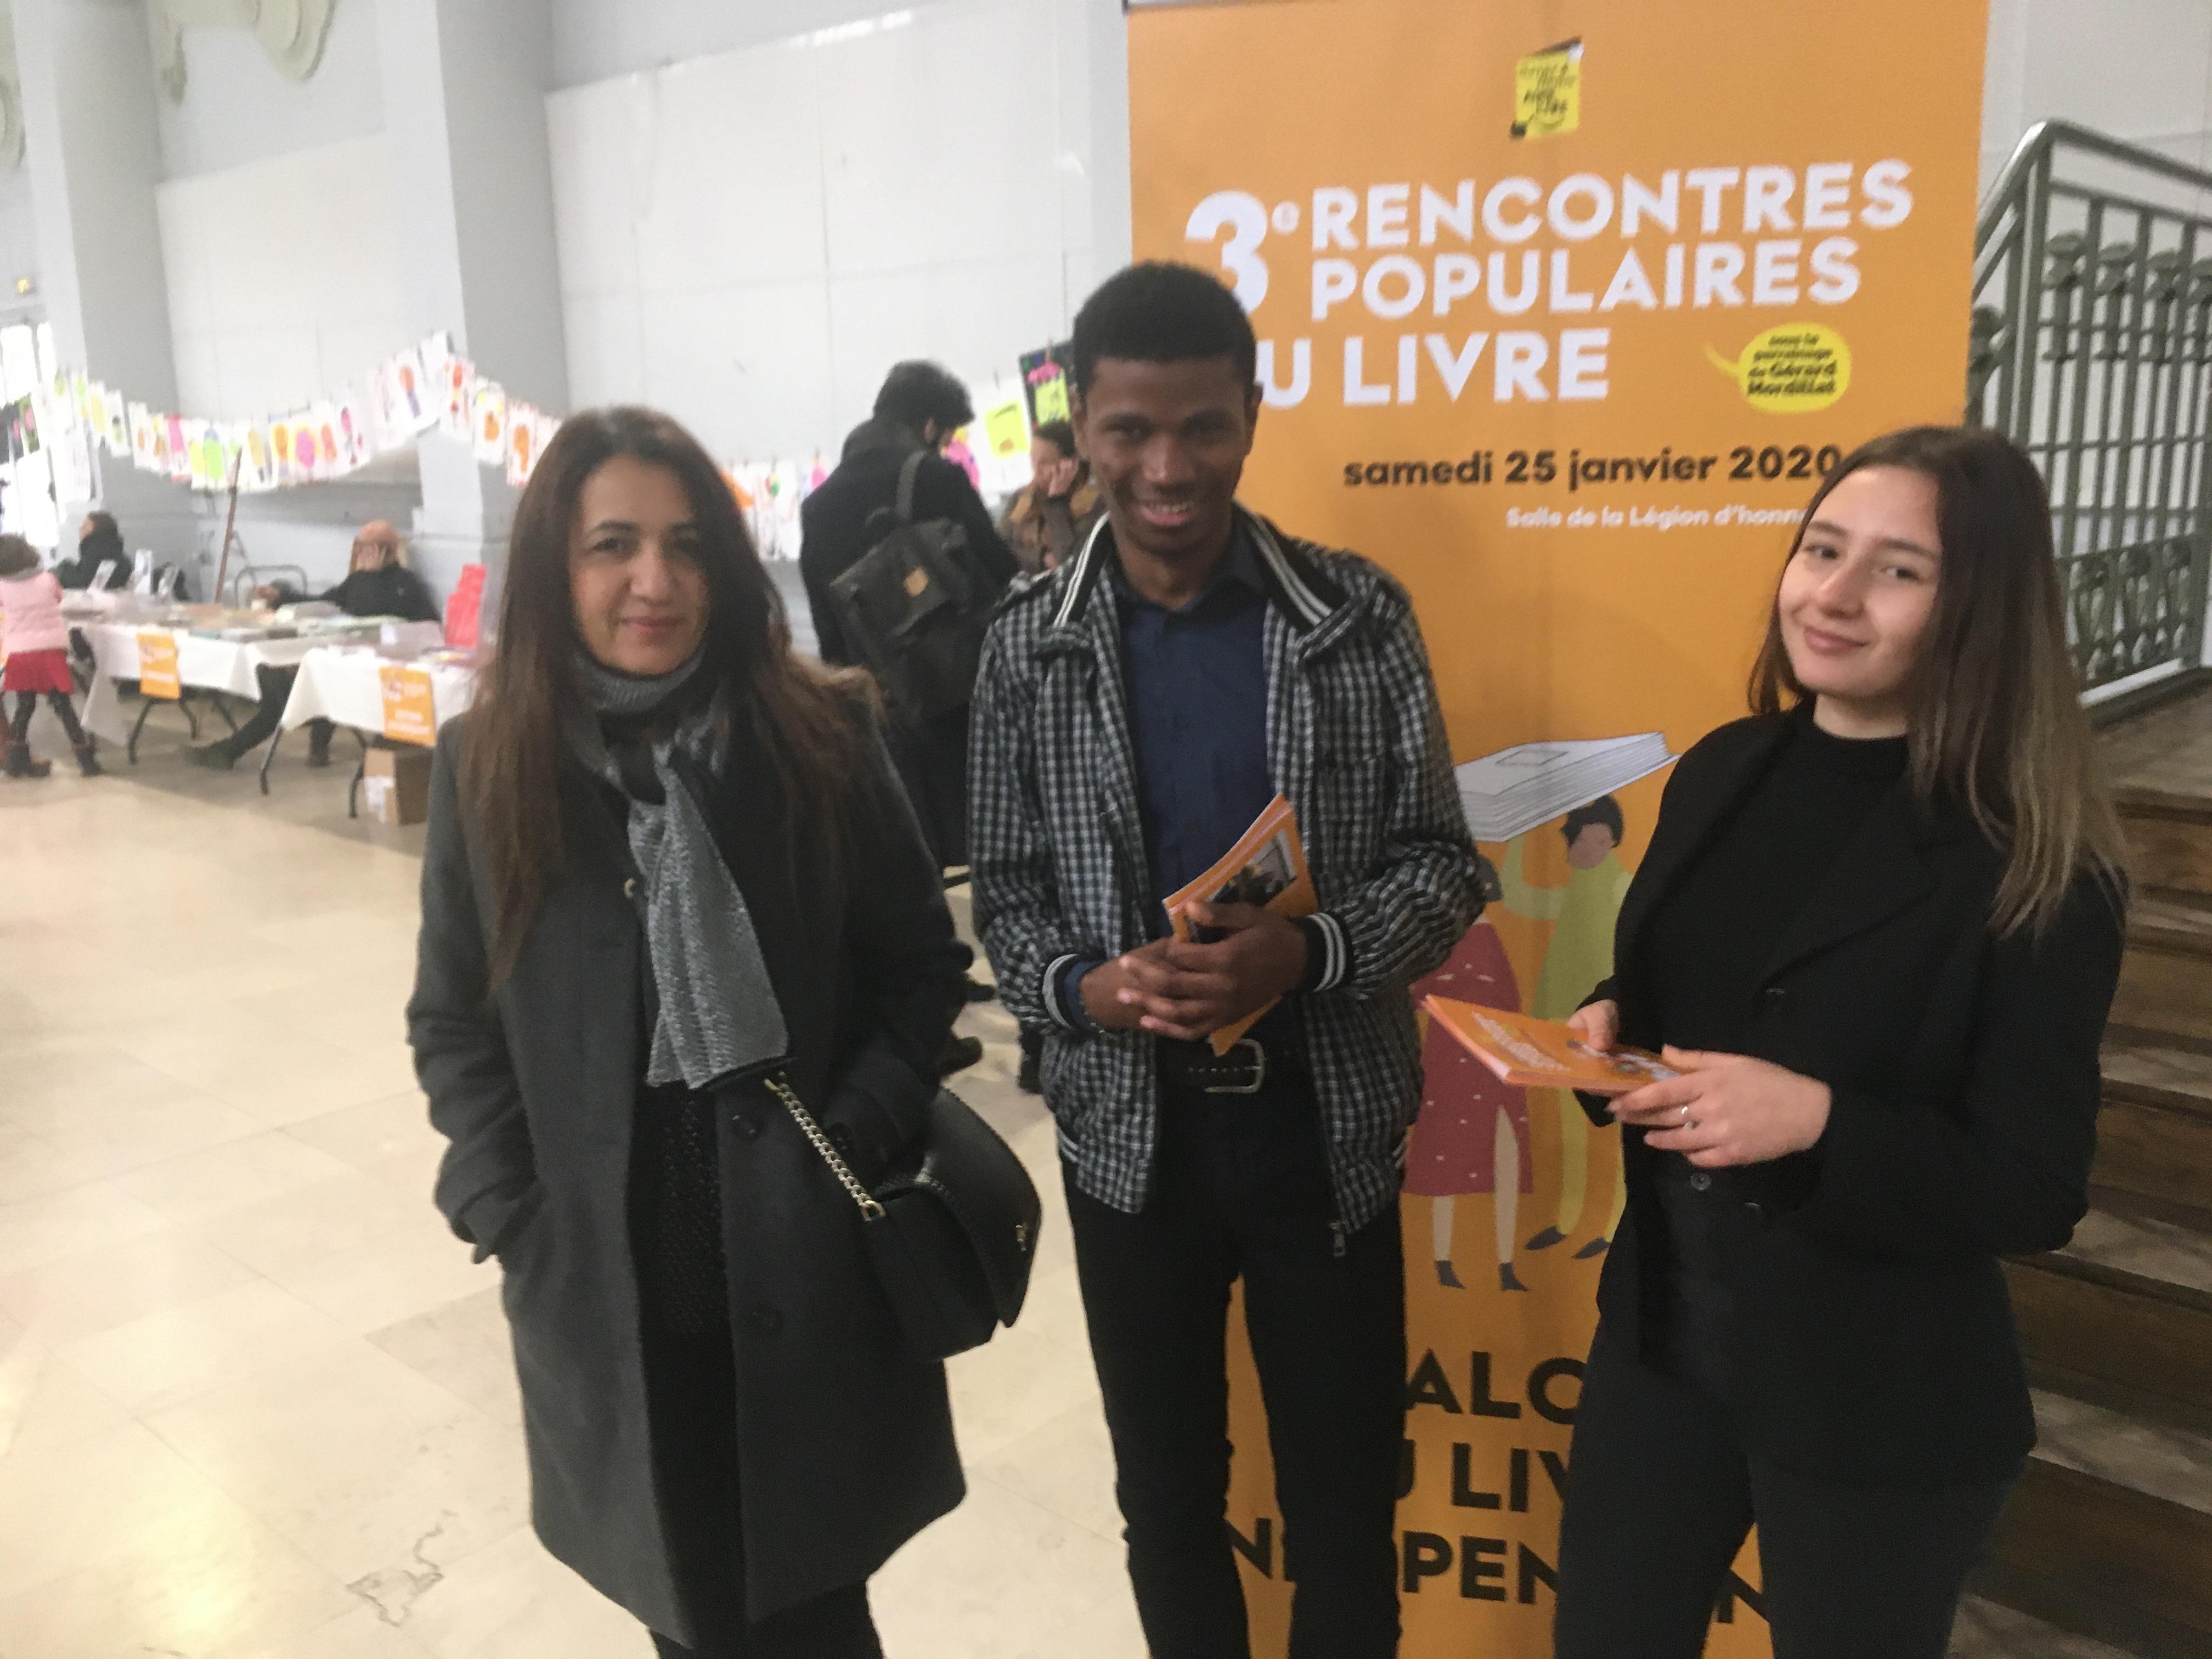 Les 1eres et Tle ARCU aux 3e Rencontres populaires du livre de Saint Denis